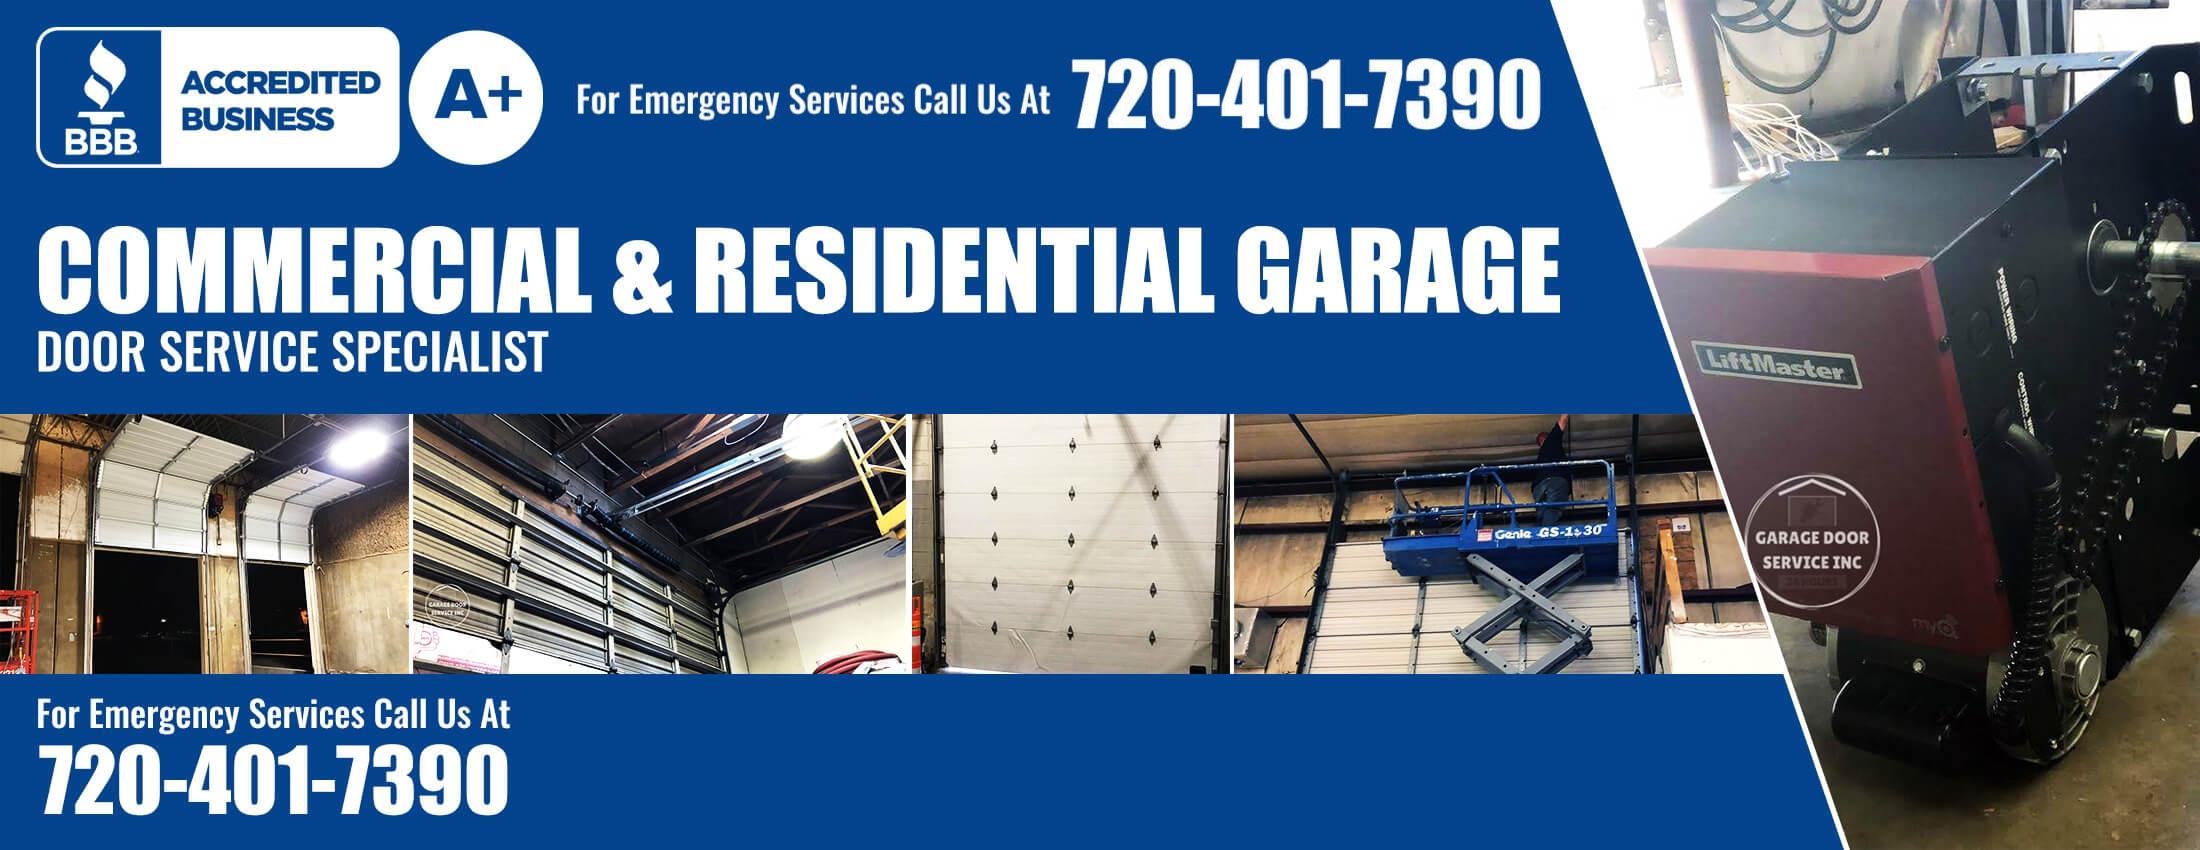 Commercial And Residential - Garage Doors Repair - Specialist-A - Garage Door Service Inc